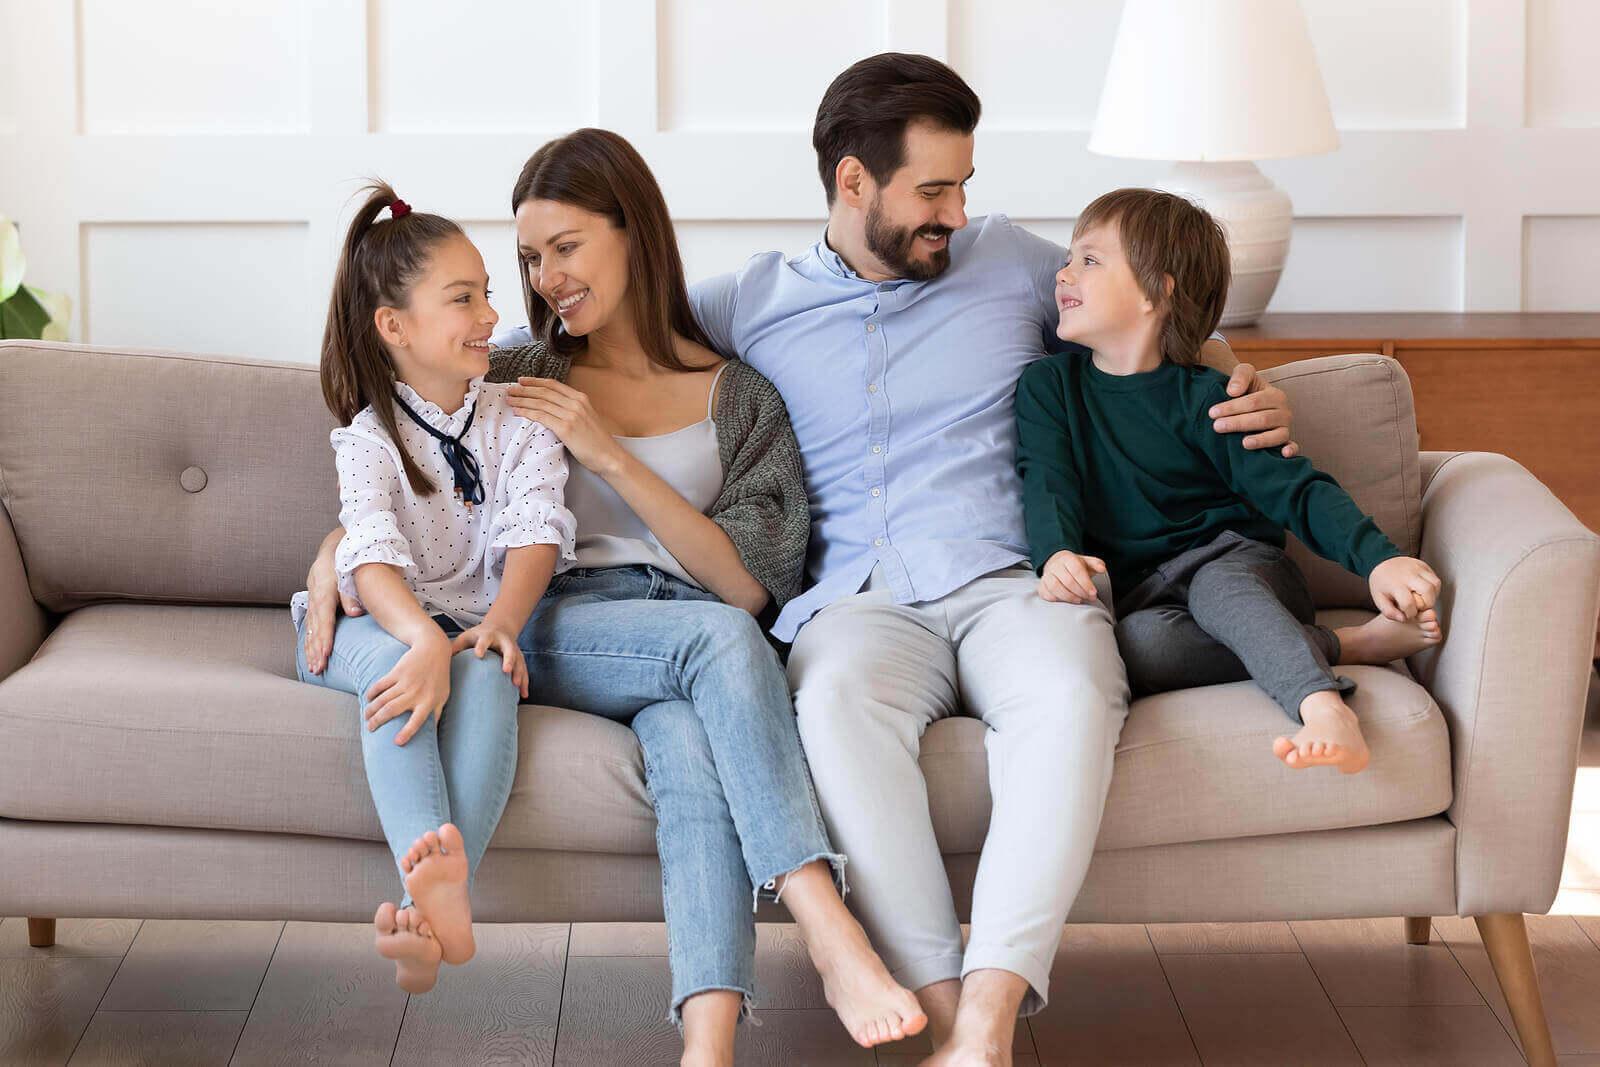 11 tapaa, joilla vanhempi voi osoittaa auktoriteettiaan rakkaudella